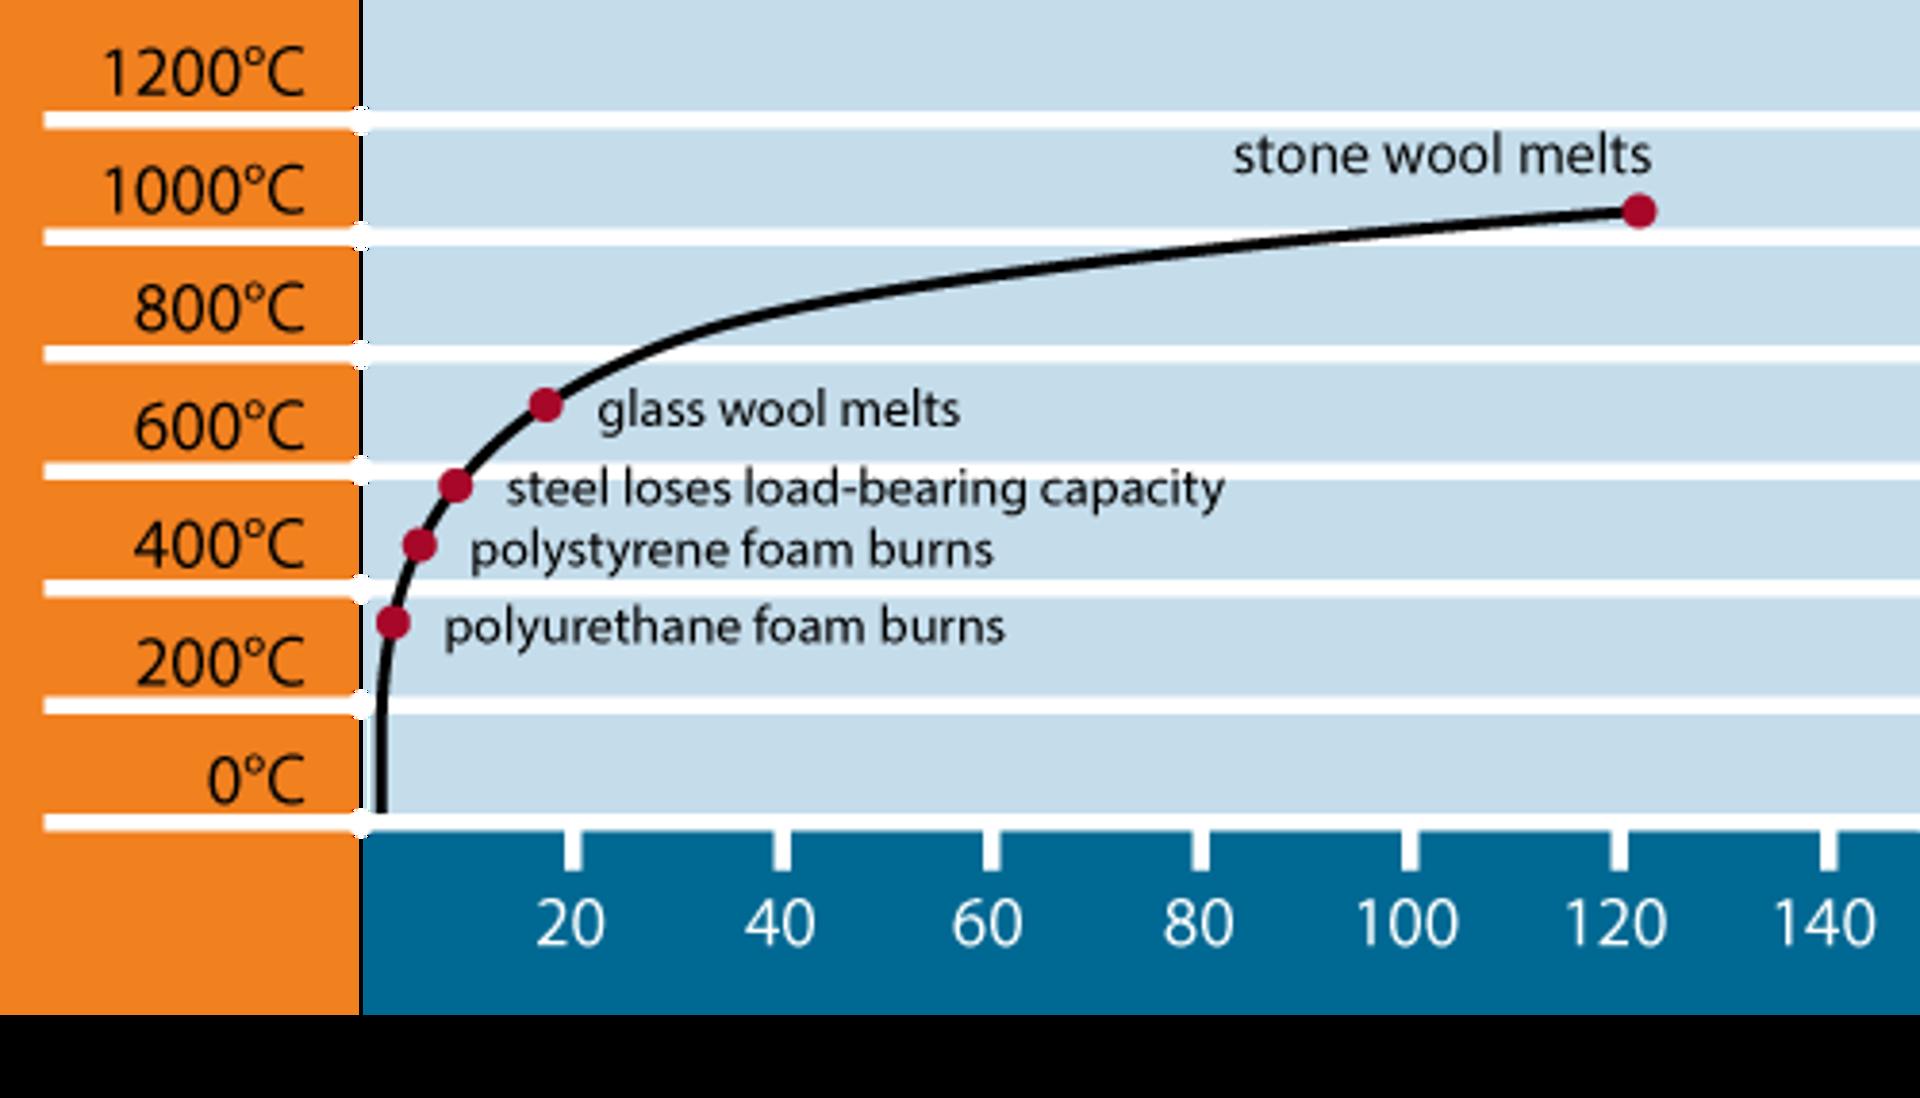 Comportamento dei vari materiali secondo la curva tempo/temperatura standard della norma ISO 834 sulla resistenza al fuoco.